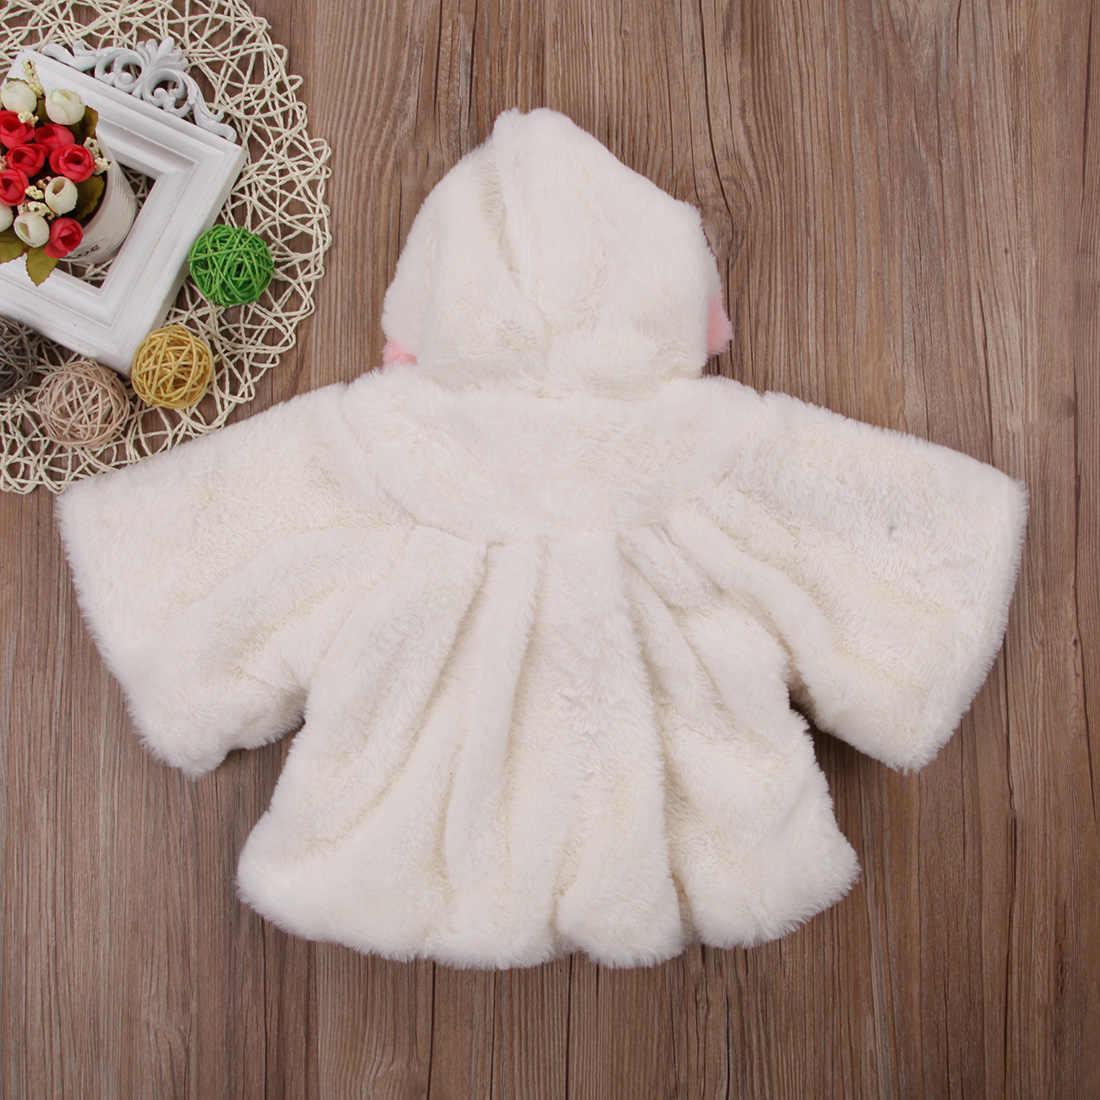 חמוד חורף מעיל עבור בנות יילוד ילדים תינוקת פרווה ארוך שרוול 3D אוזן סלעית מעיל גלימת מעיל חליפת שלג הלבשה עליונה בגדים